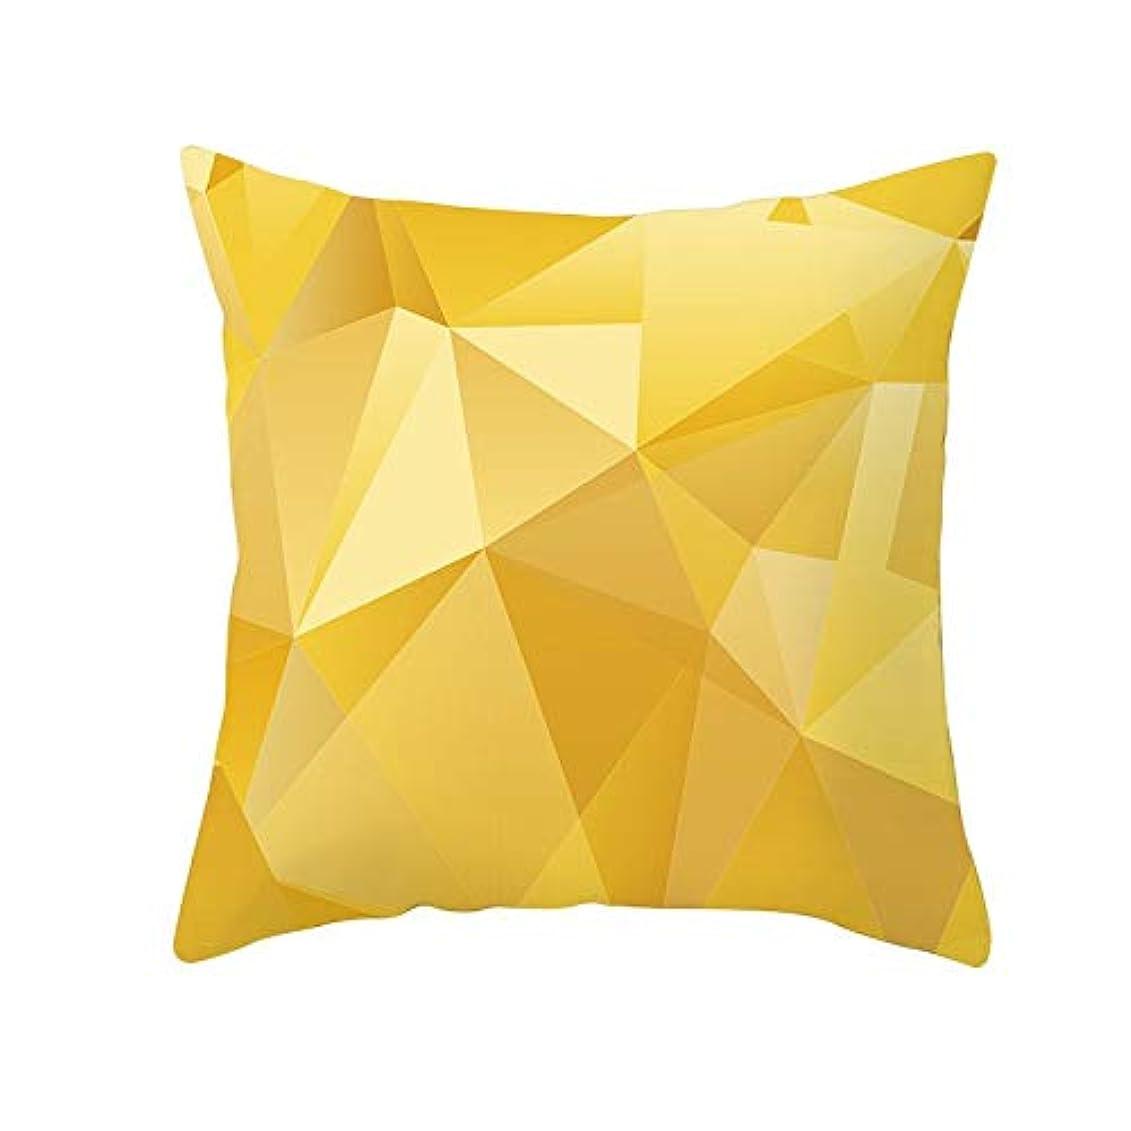 森機械においLIFE 装飾クッションソファ 幾何学プリントポリエステル正方形の枕ソファスロークッション家の装飾 coussin デ長椅子 クッション 椅子